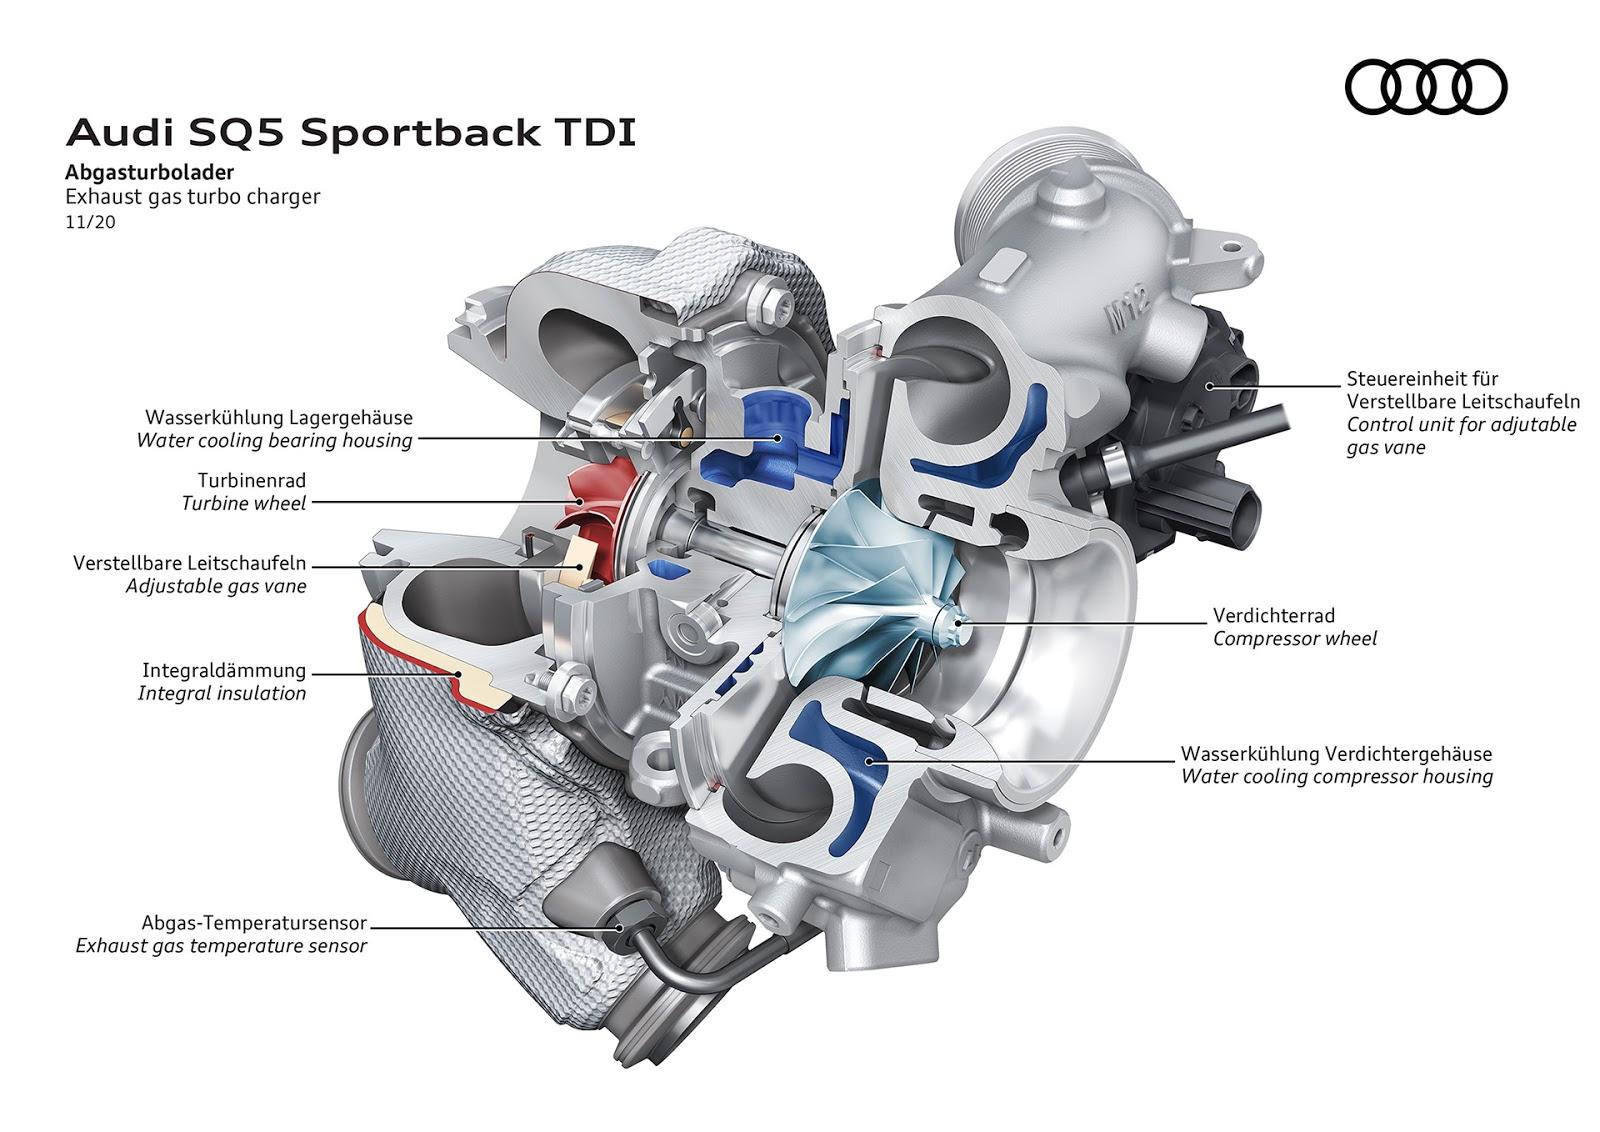 AUDI2BSQ52BSPORTBACK2BTDI 9 Audi SQ5 Sportback TDI: η σπορ έκδοση στην κορυφή της γκάμας του μοντέλου Audi, Audi SQ5, SQ5, ειδήσεις, καινούργιο, καινούρια, καινούριο